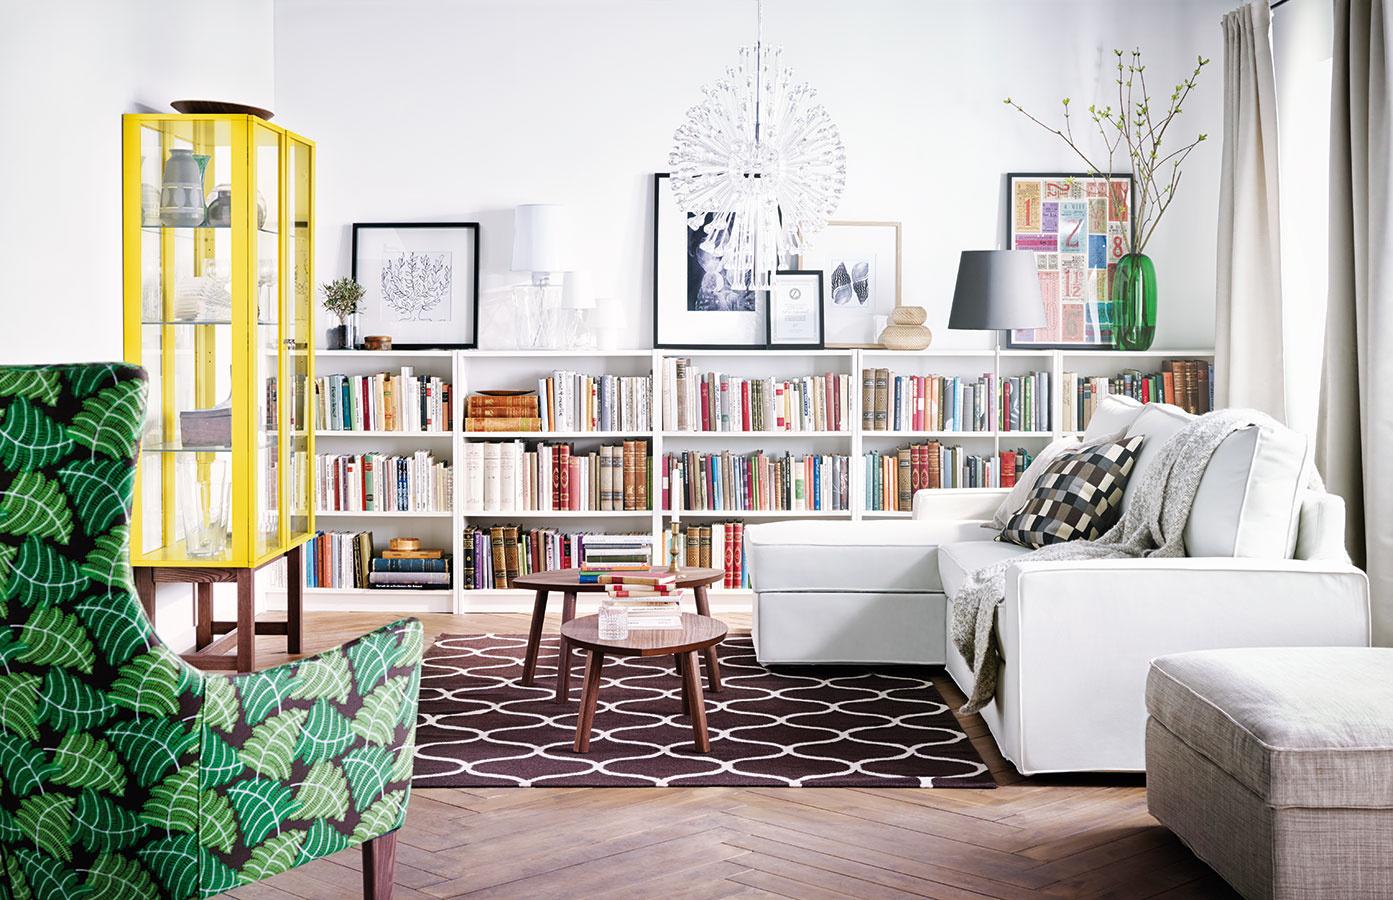 Knižnica Billy zo sortimentu IKEA má tri nastaviteľné police. Vrchnú časť skriniek možno použiť na umiestenie dekorácií,  obrazov či grafík. (Predáva Konsepti.)